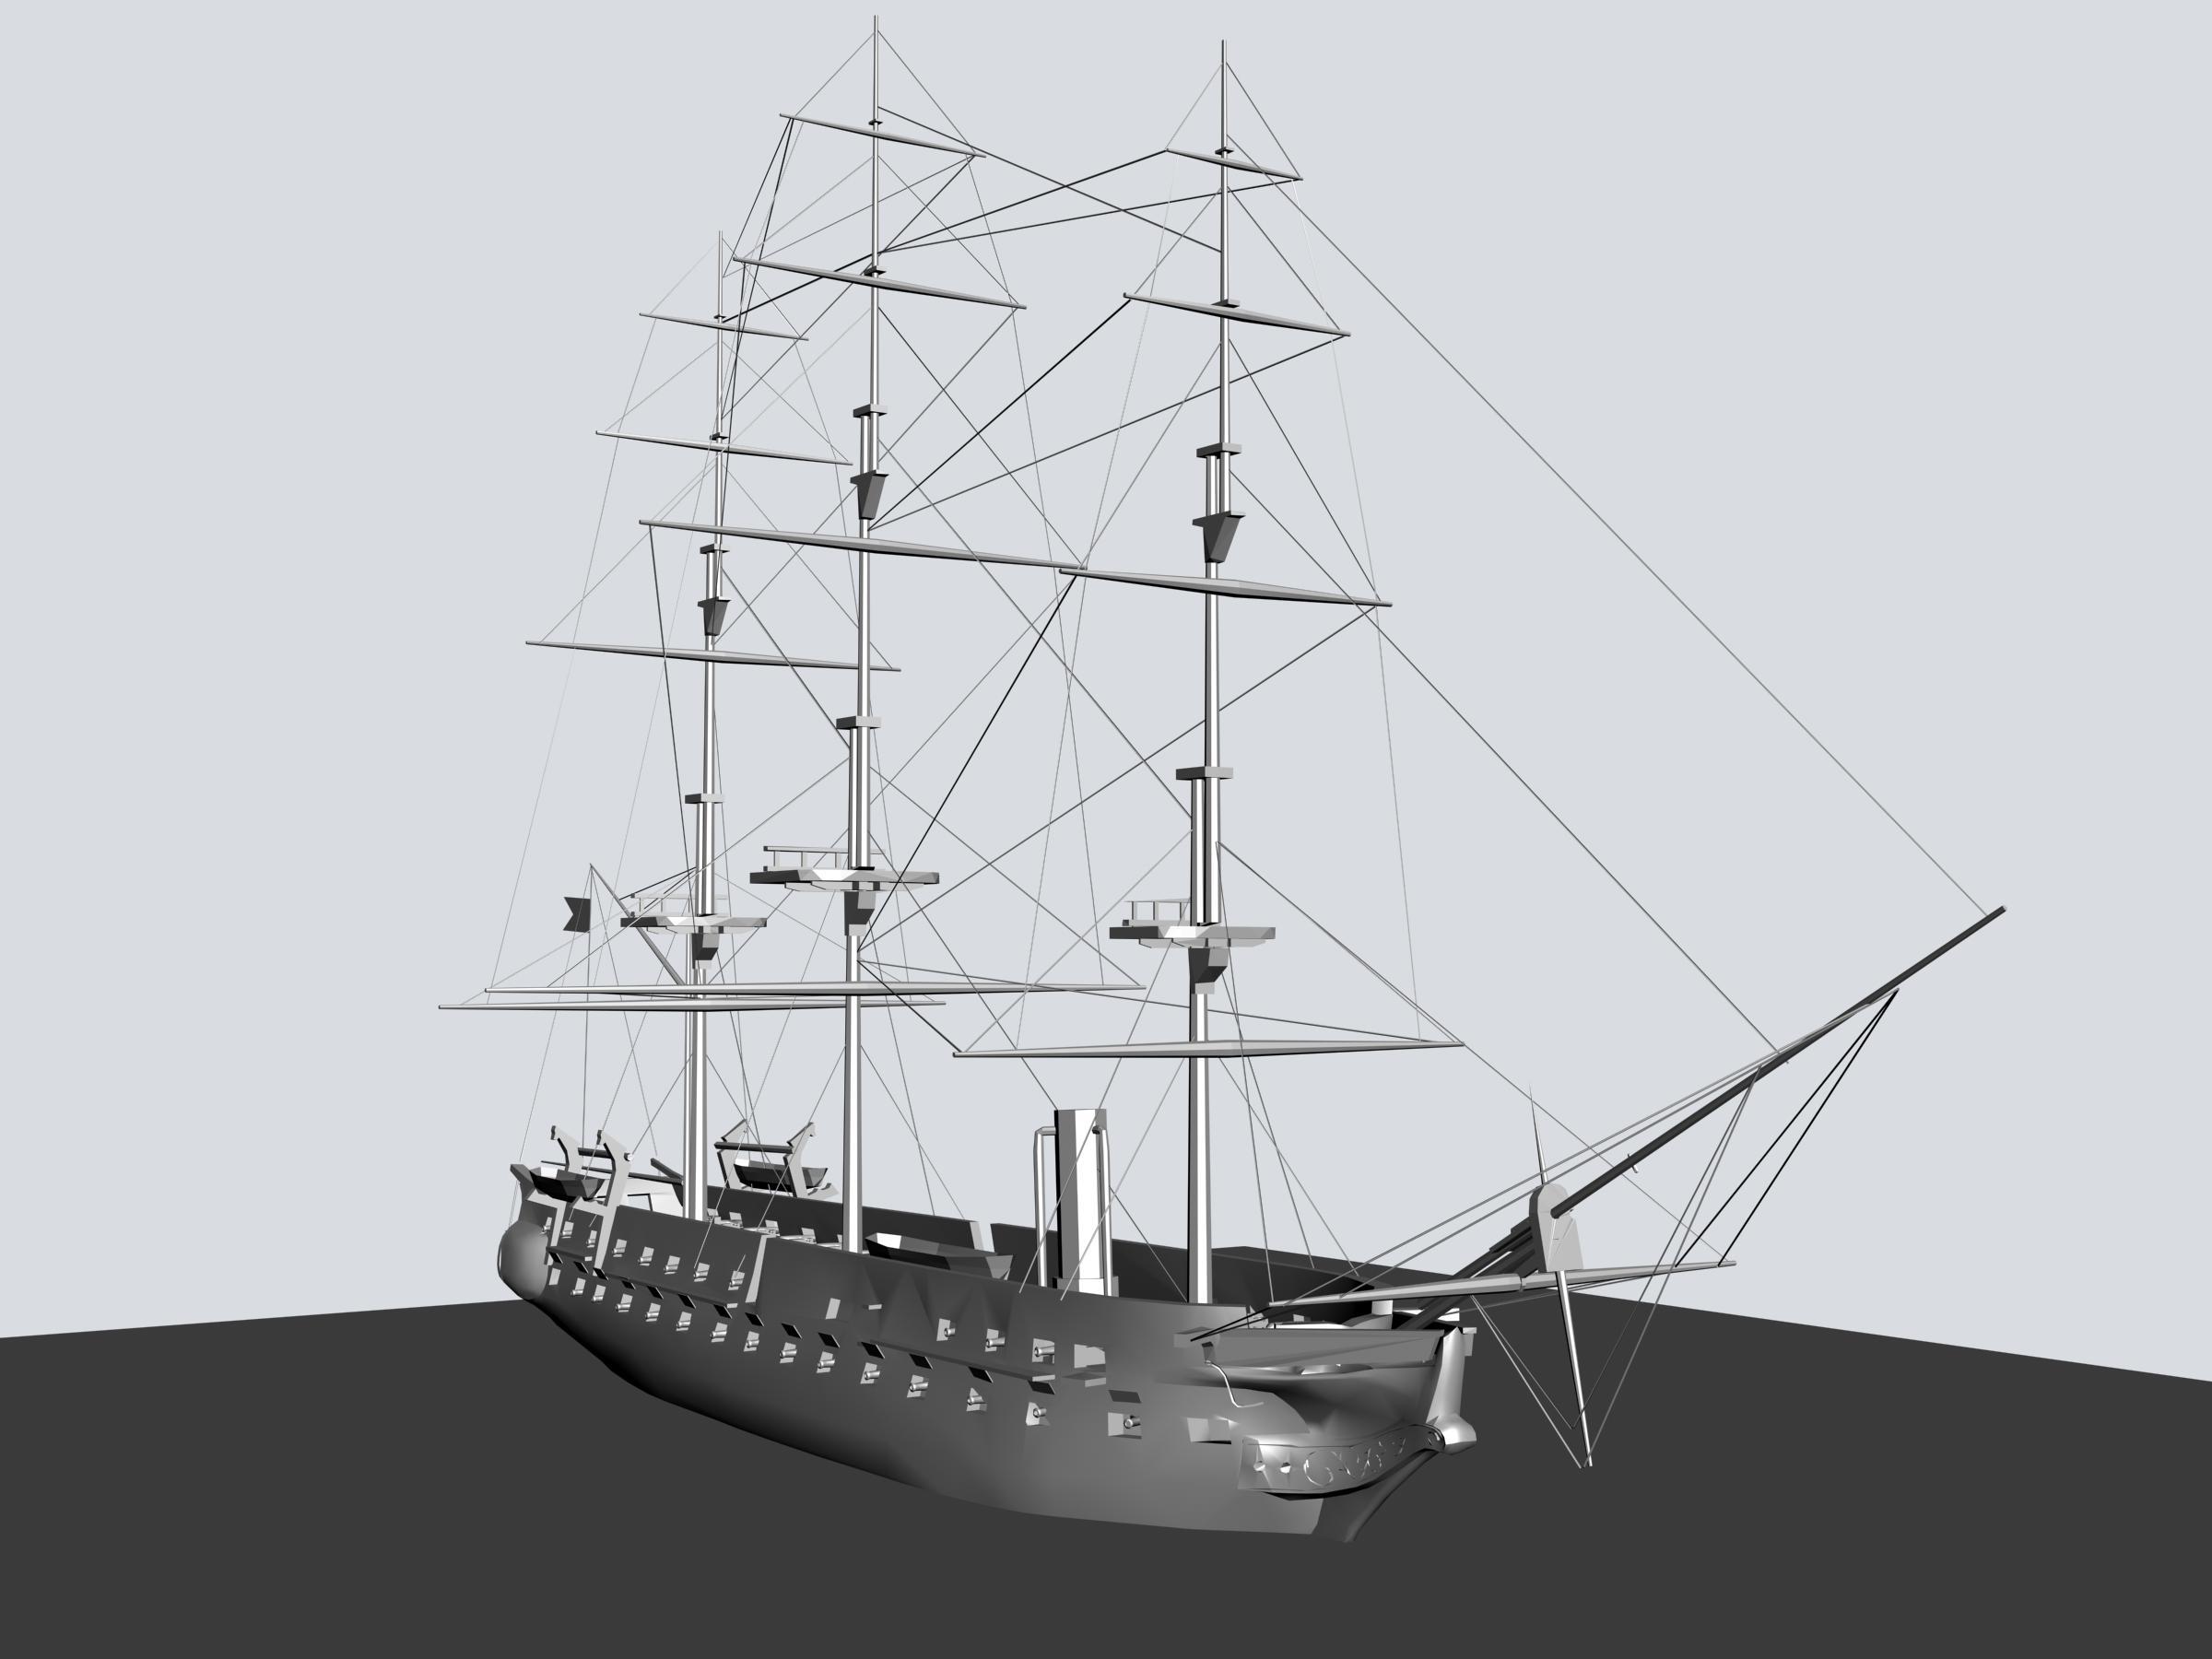 imagen Barco, en Embarcaciones - Medios de transporte